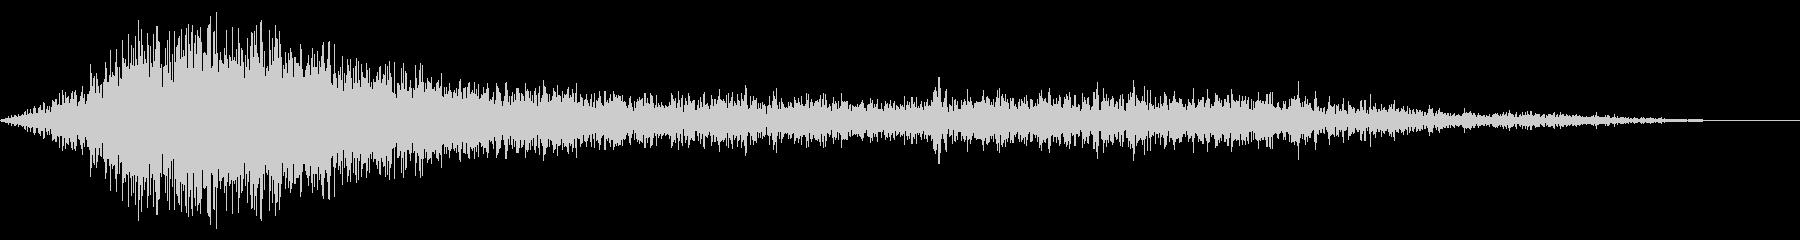 ホラー系アタック音17の未再生の波形